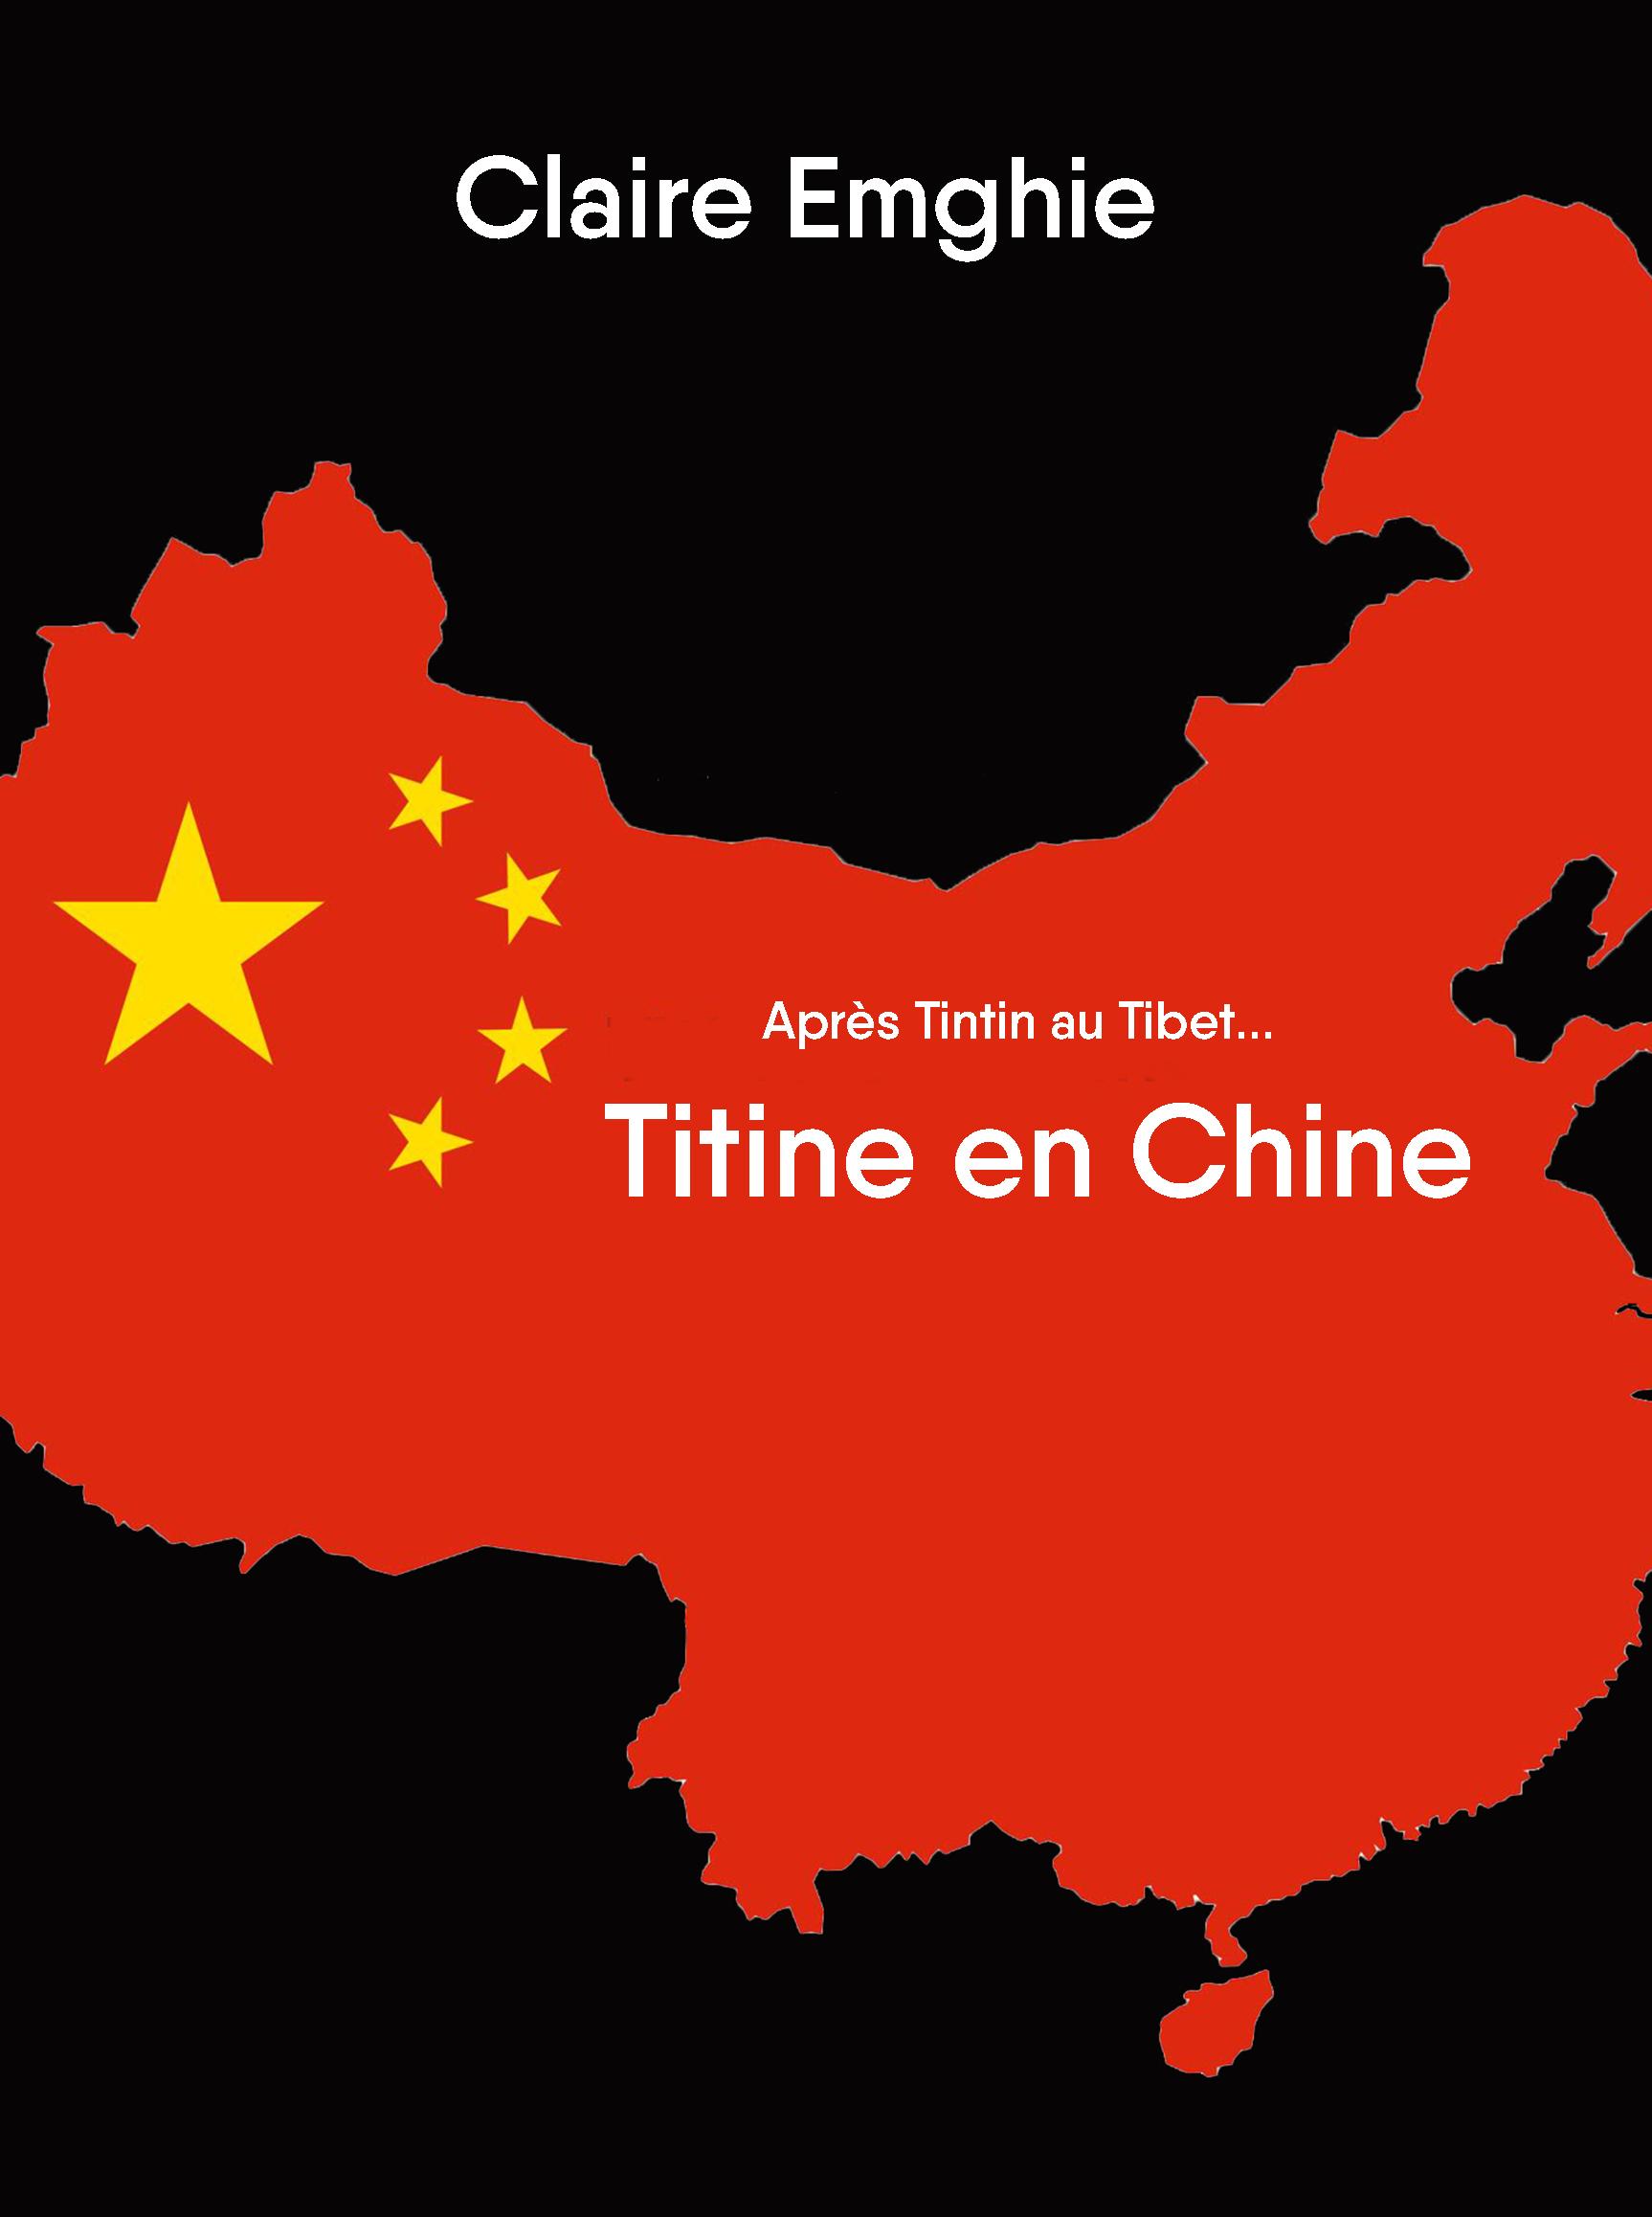 TITINE EN CHINE - APRES TINTIN AU TIBET